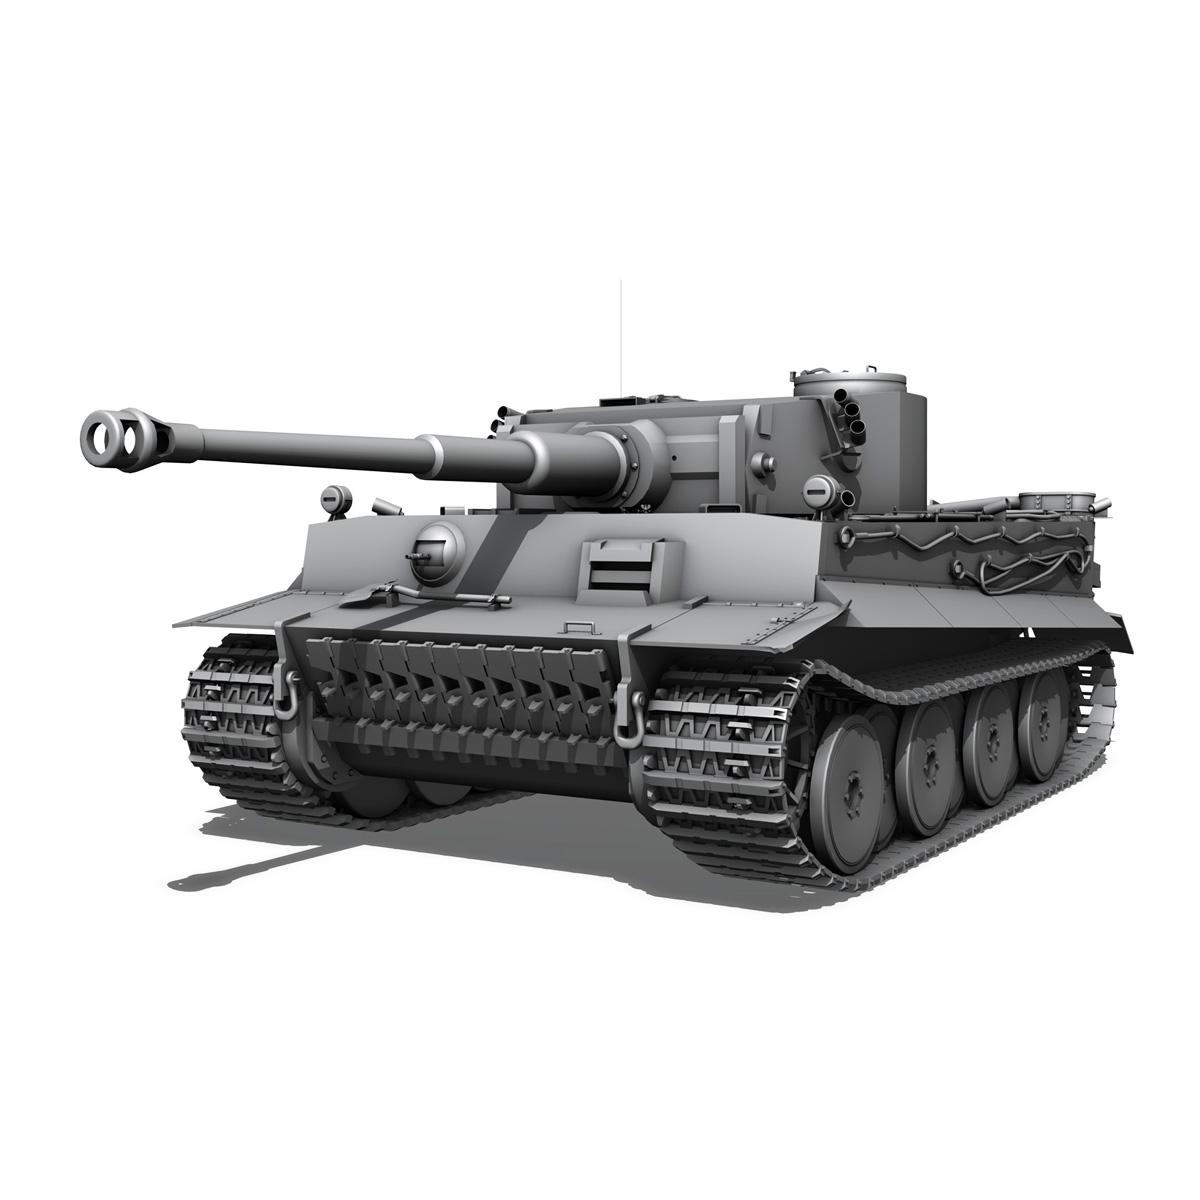 panzer vi – tiger – early production 3d model 3ds fbx c4d lwo obj 202260